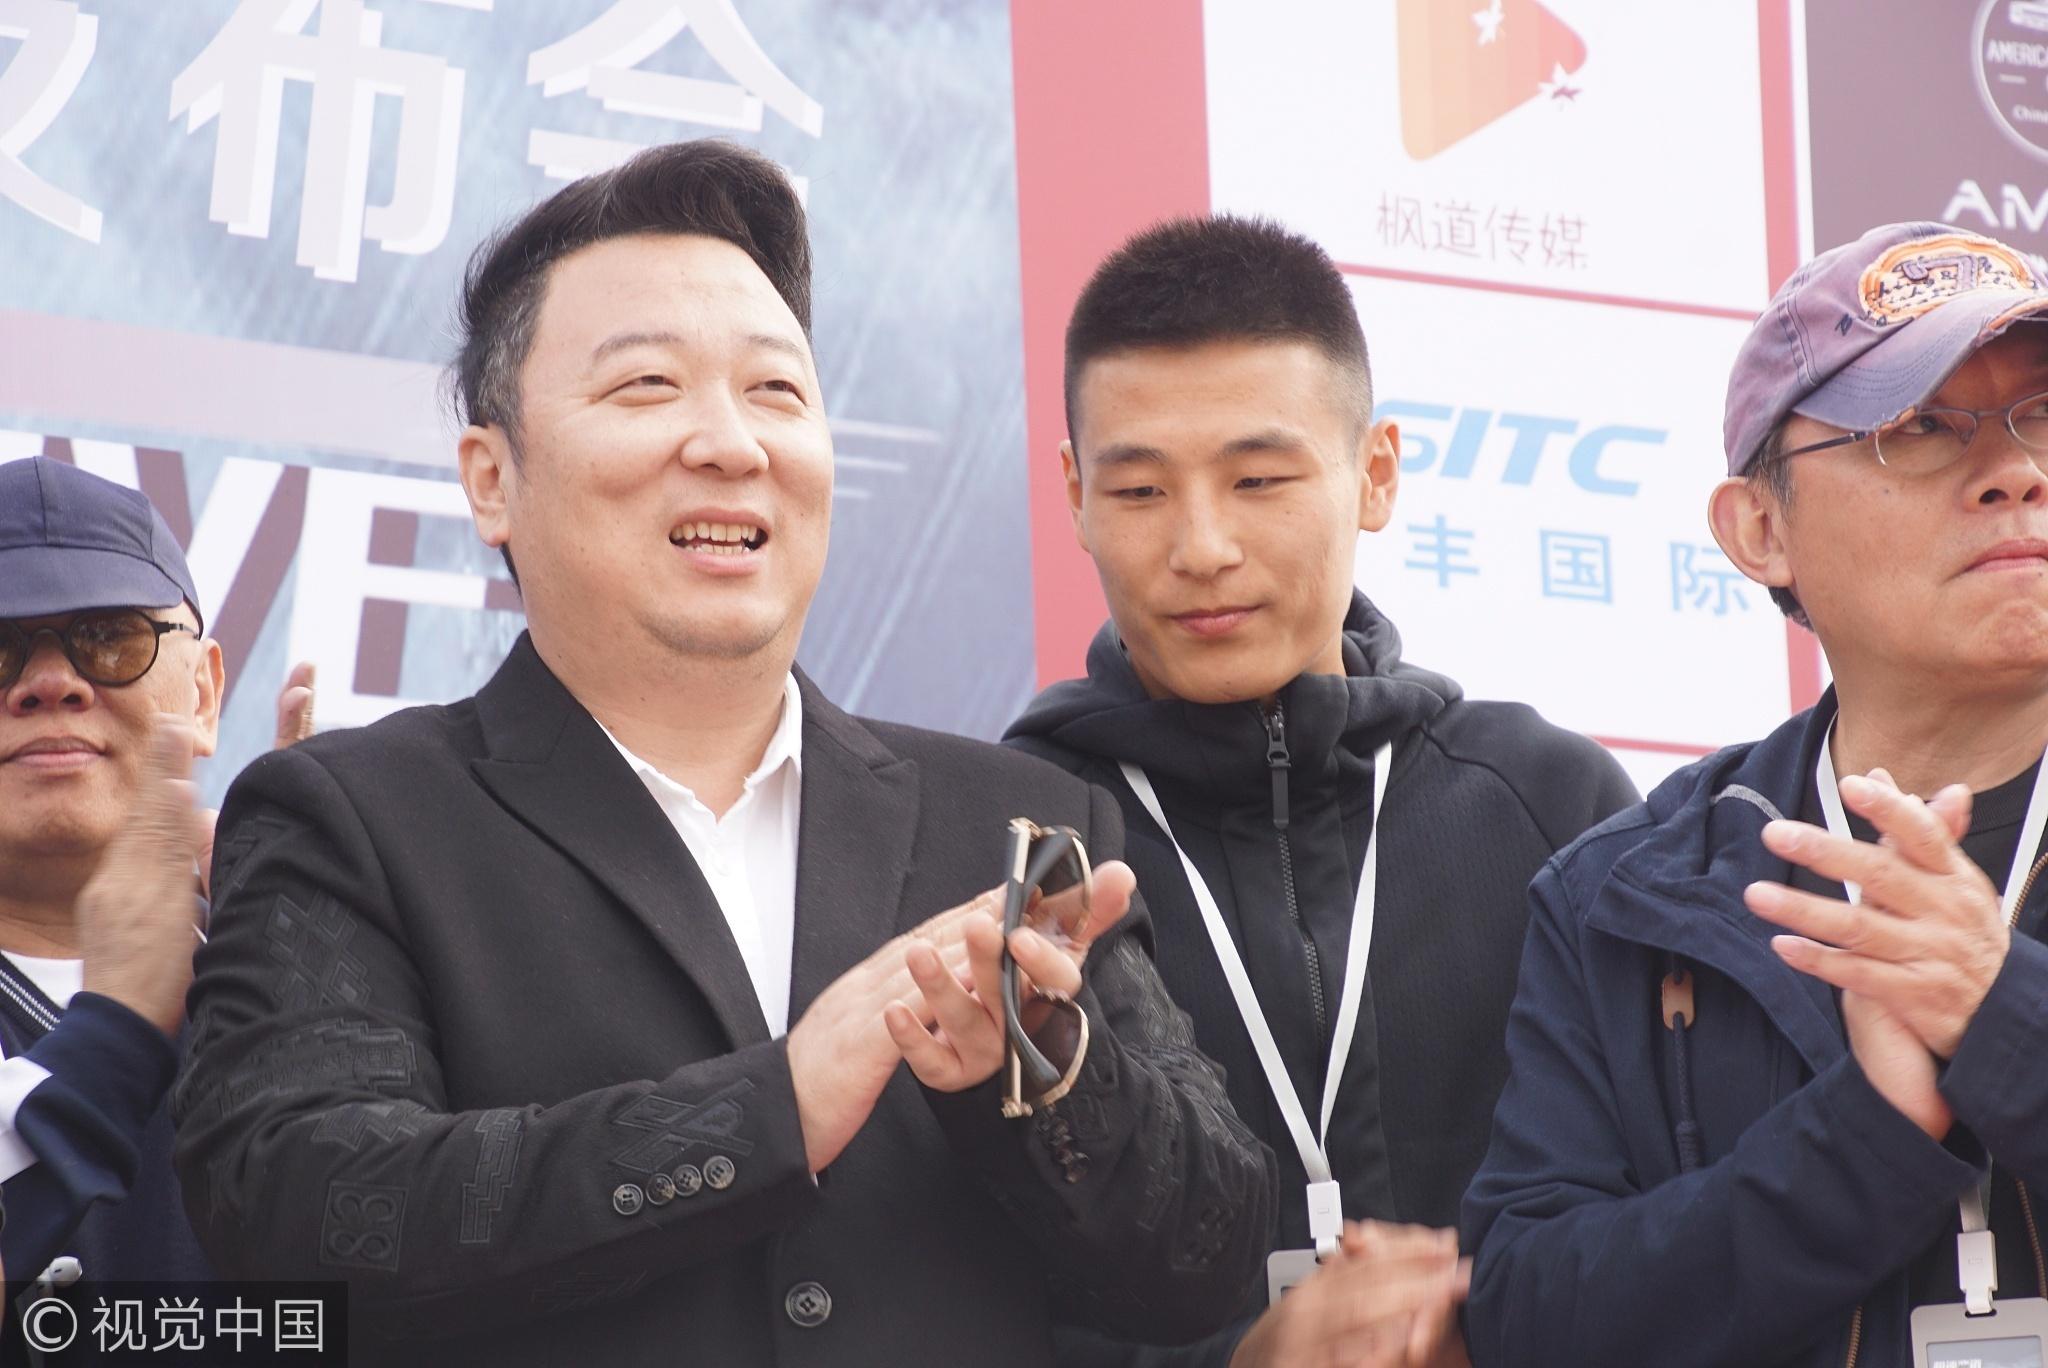 高清:武磊跨界现身电影发布会 与粉丝亲切合影